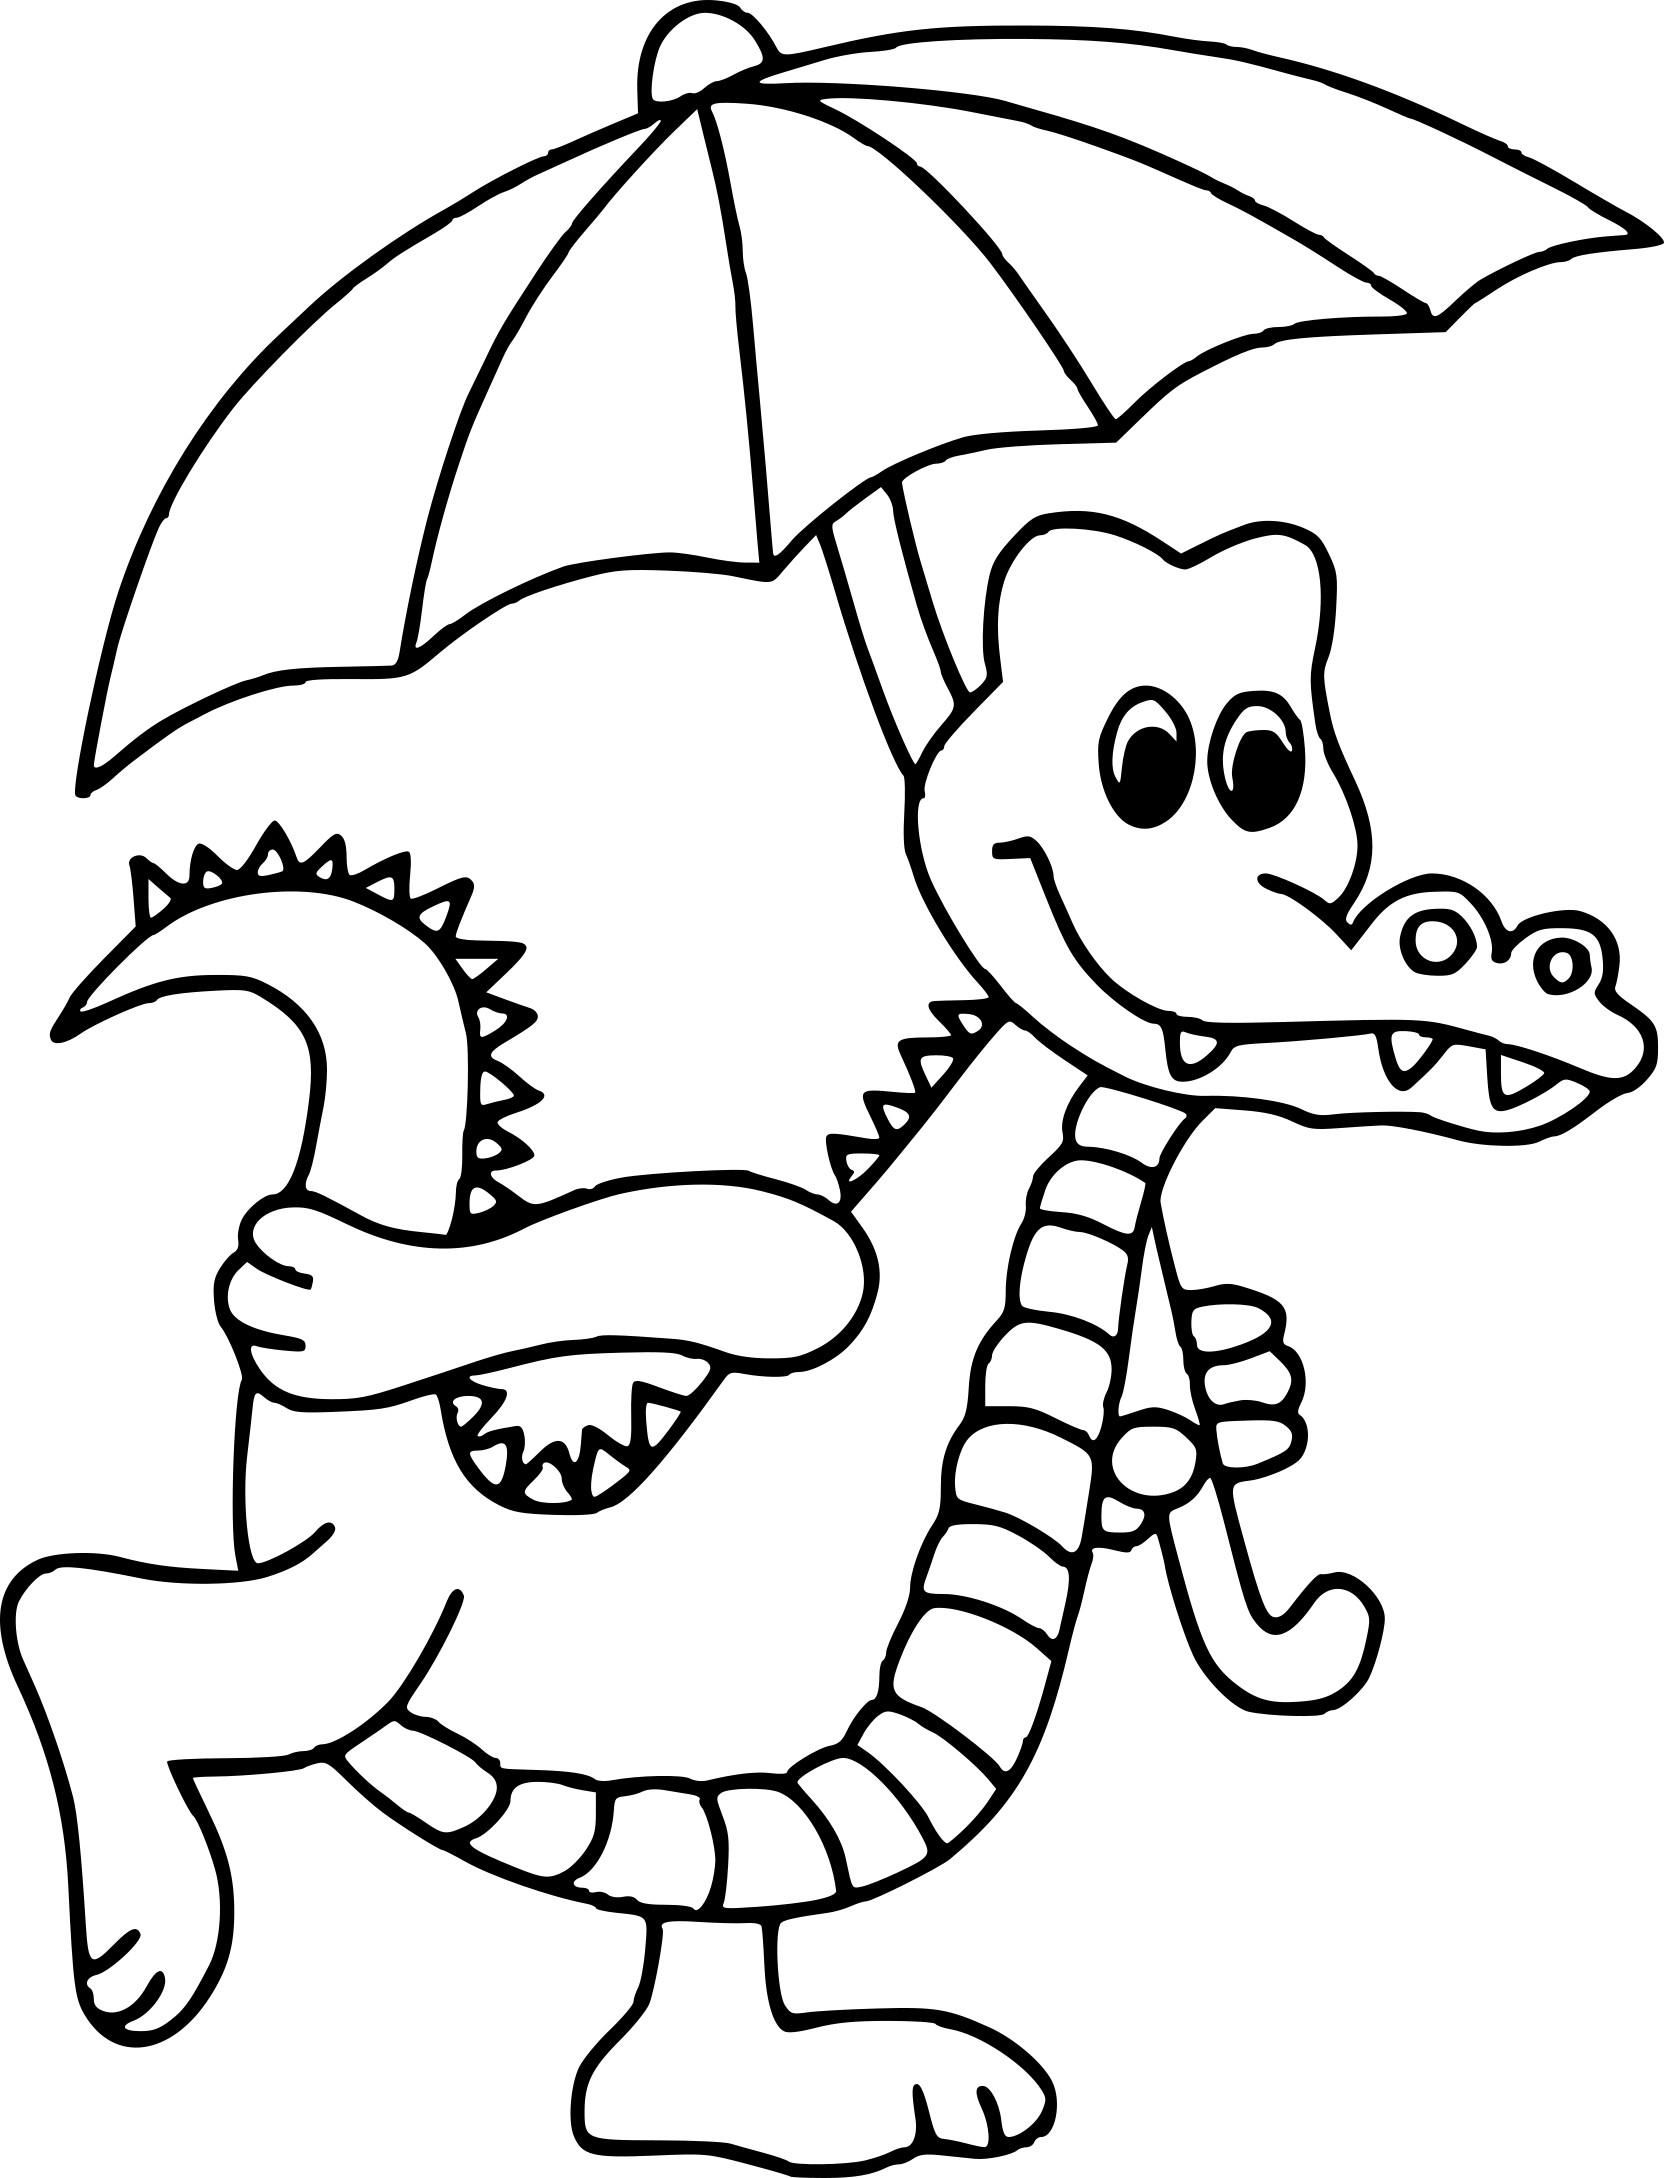 Coloriage Crocodile À Imprimer encequiconcerne Photo De Crocodile A Imprimer